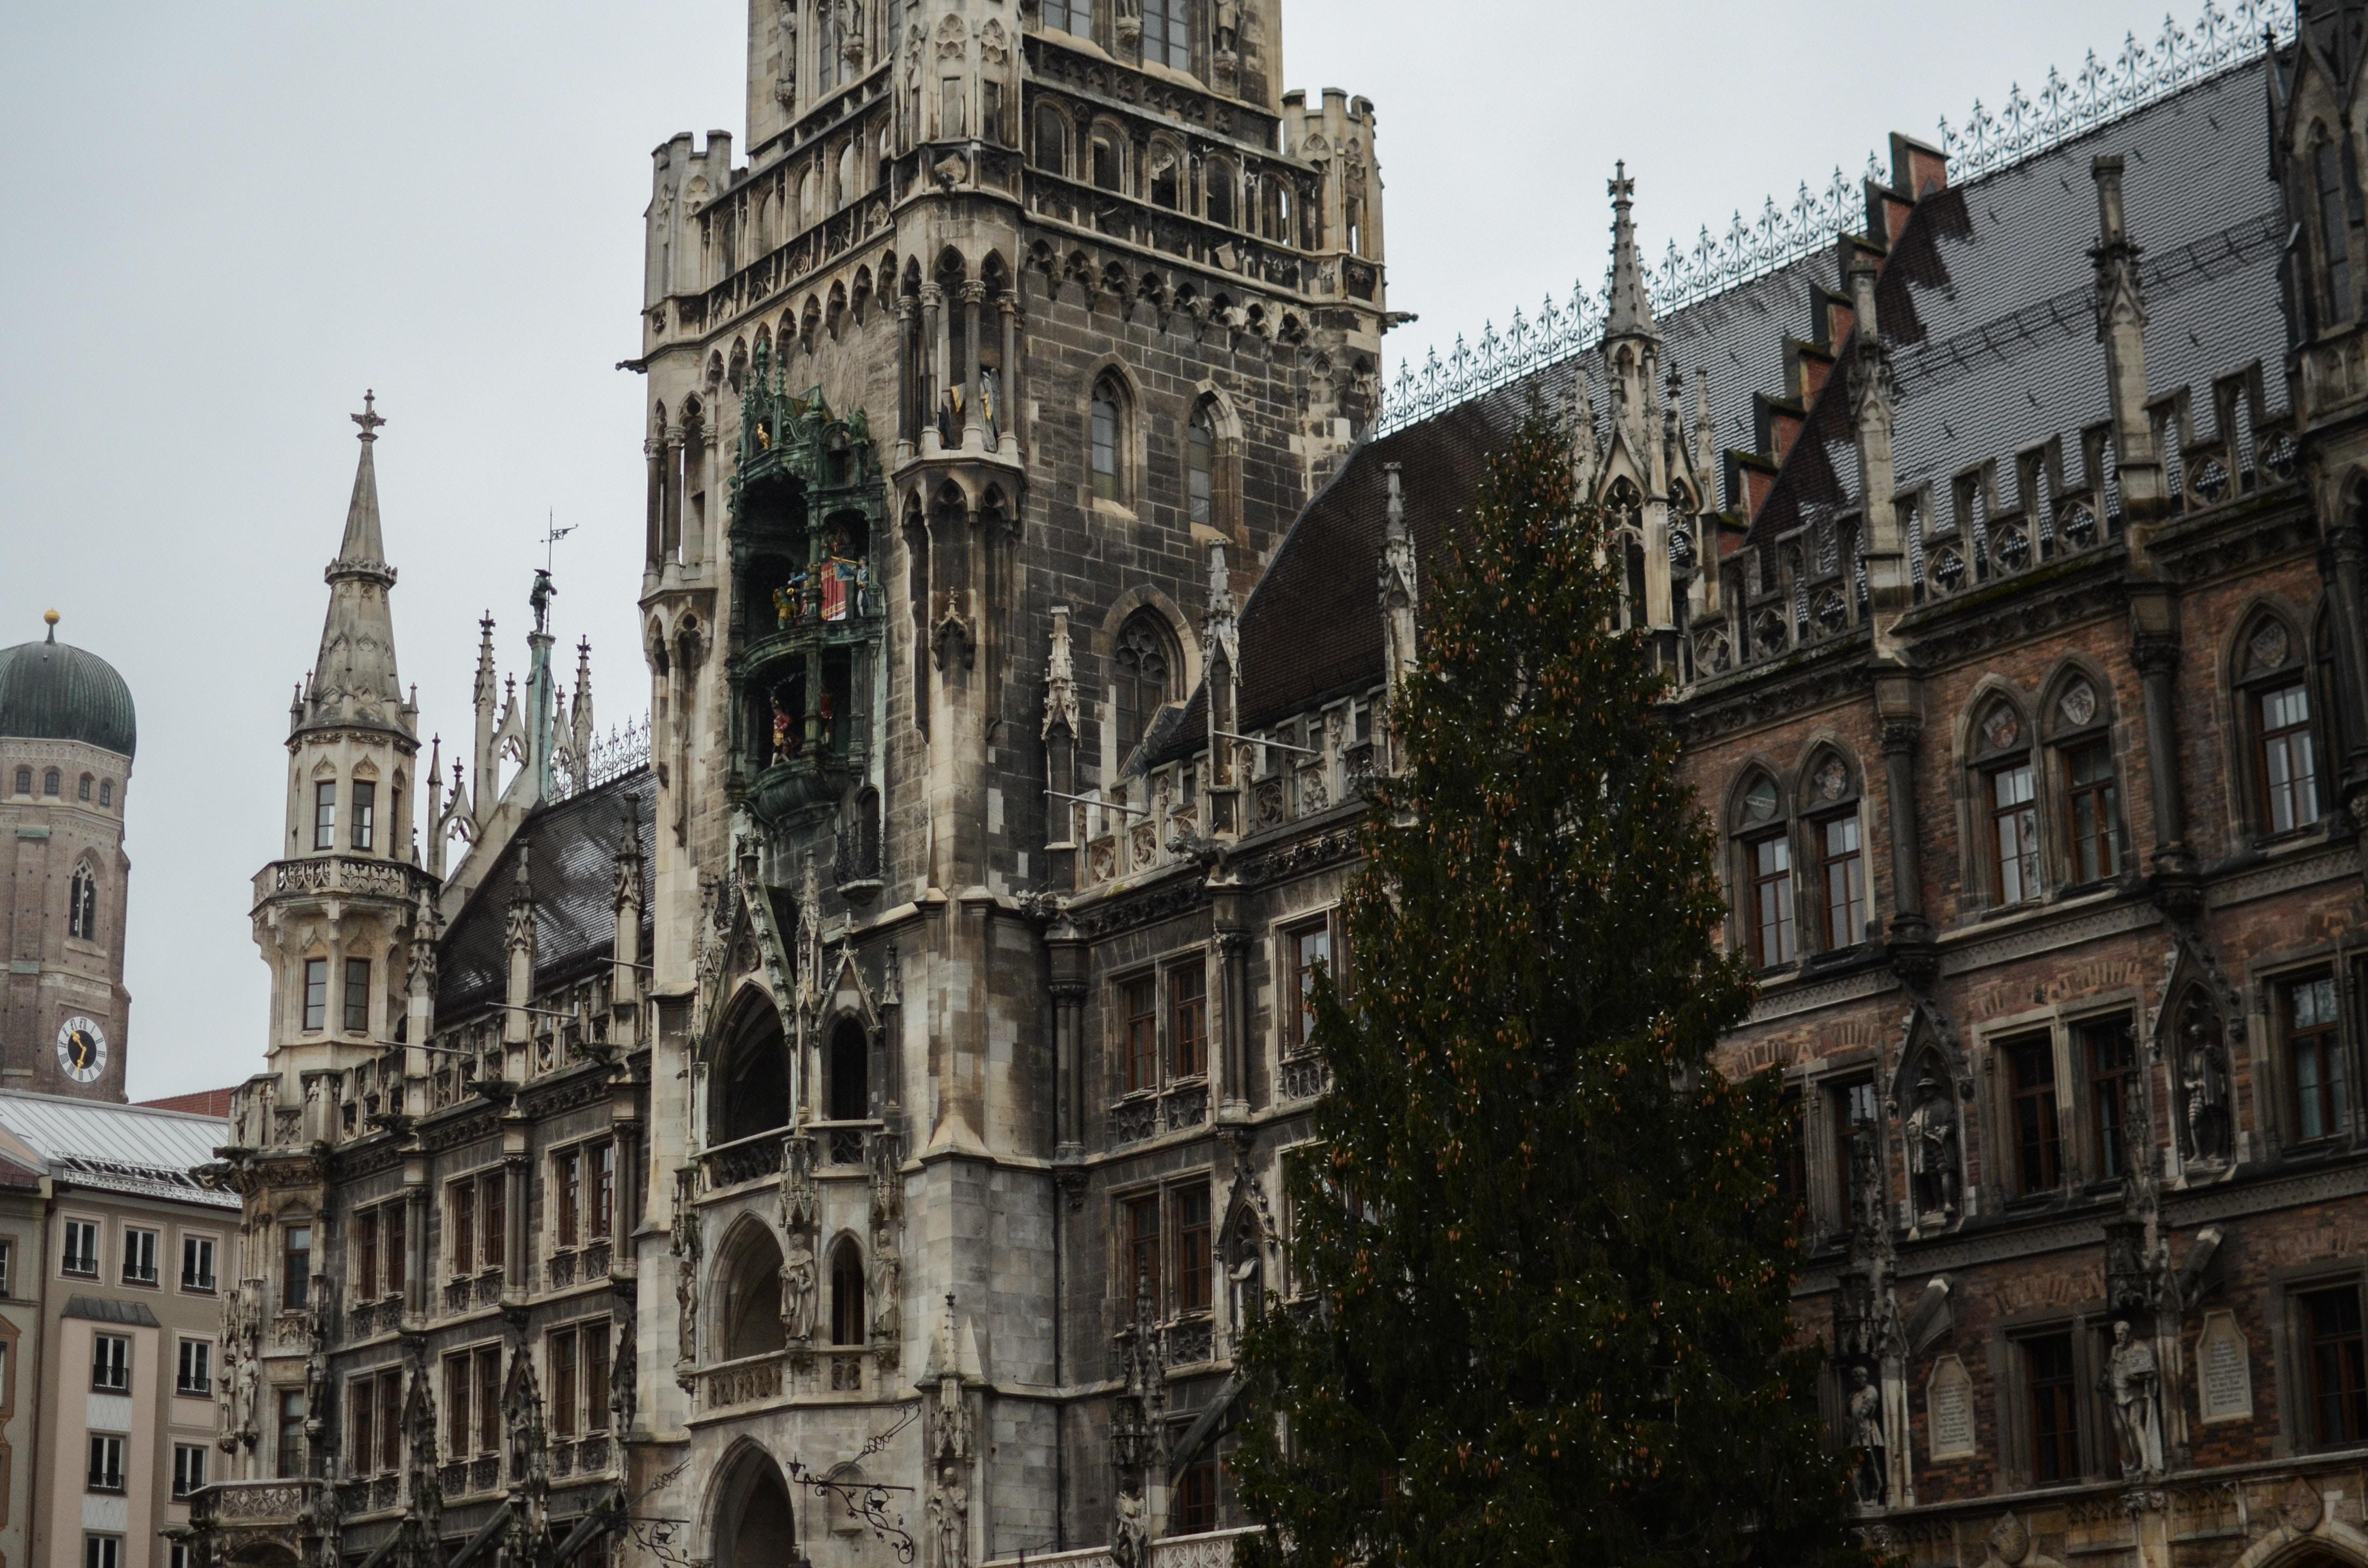 il Glockenspiel è un luogo di attrazione da visitare senza dubbio.